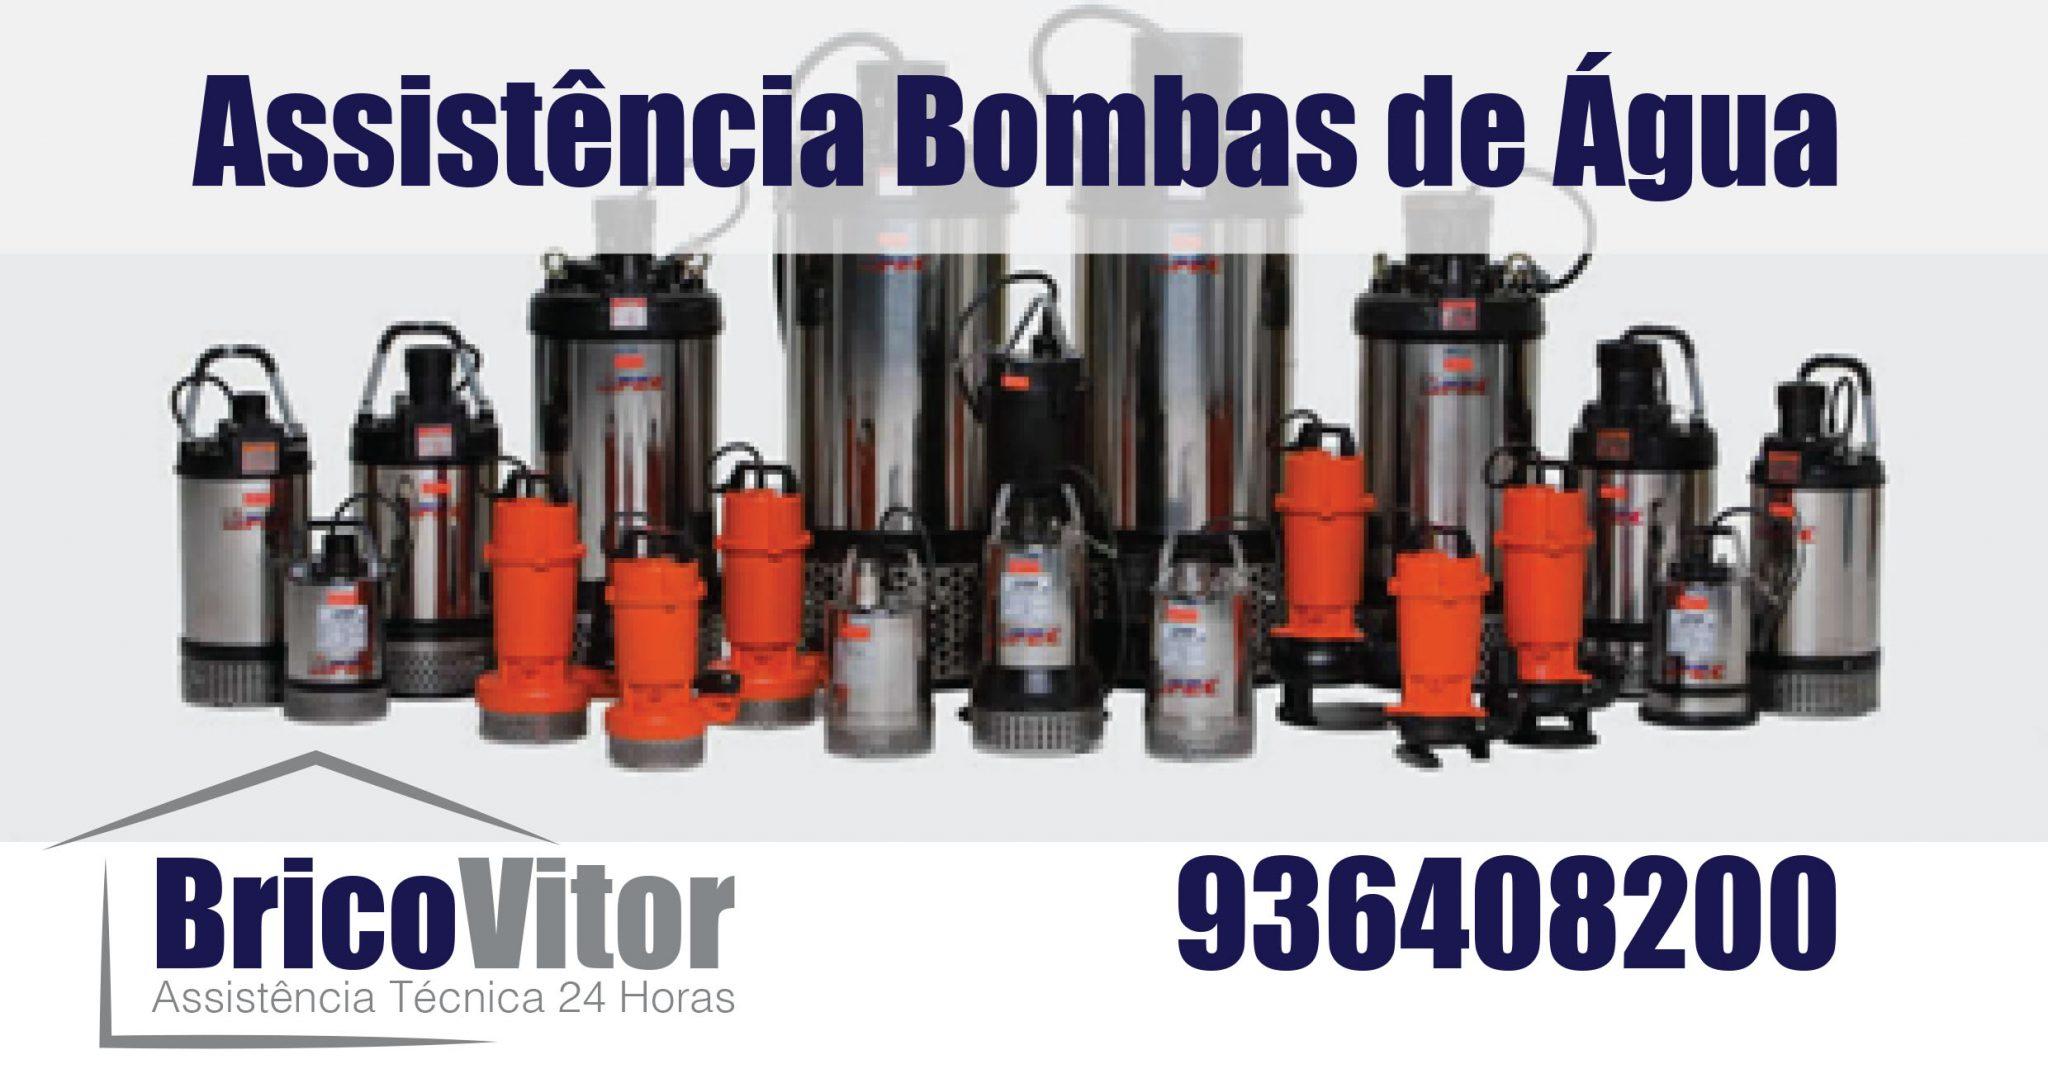 Assistência Bombas de Água Terras de Bouro,